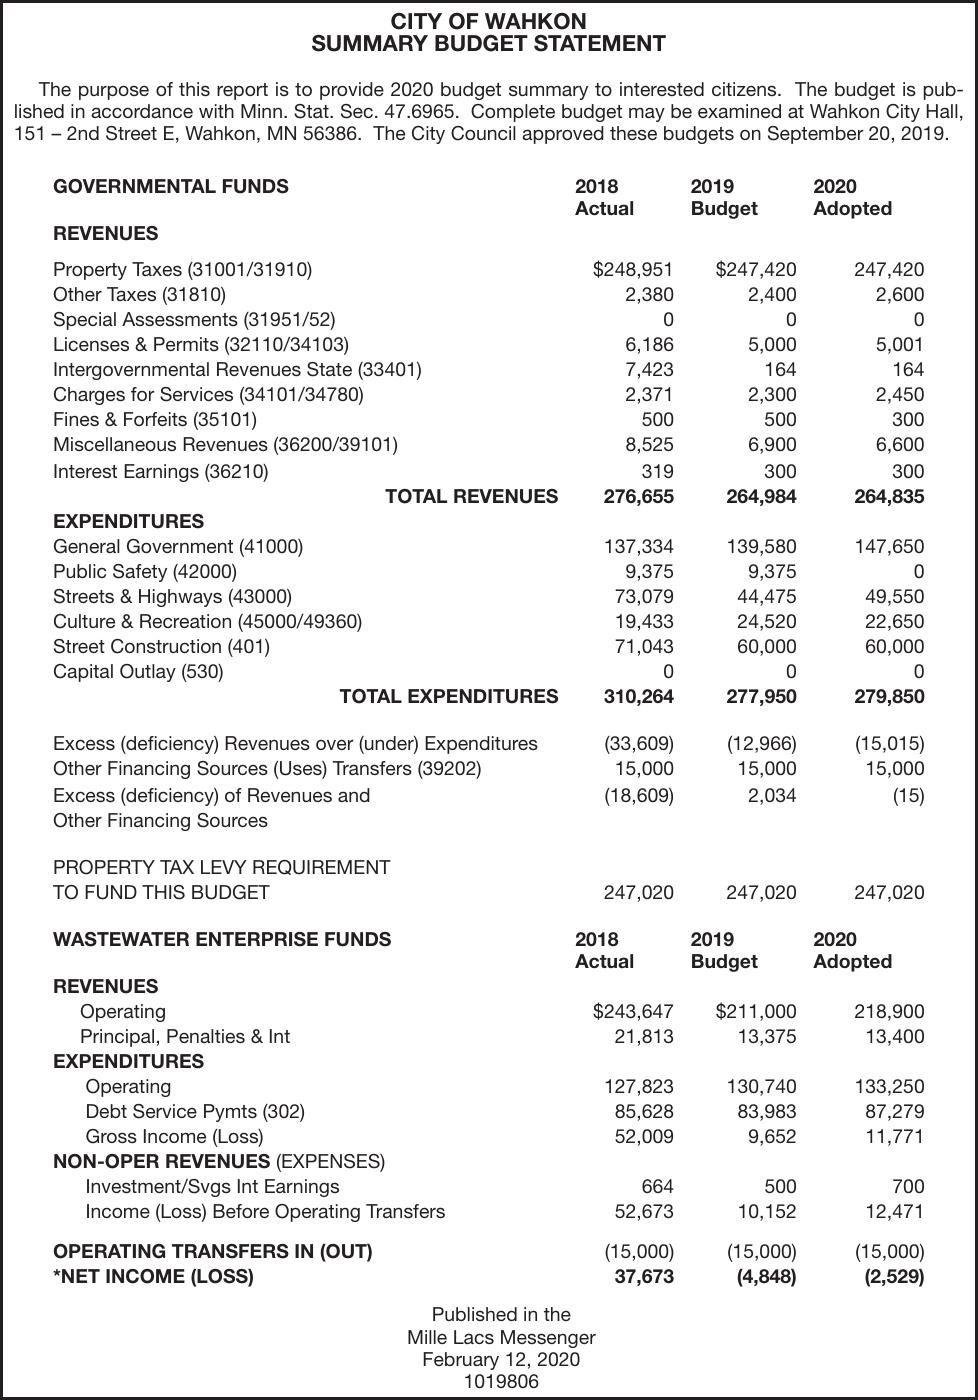 2020 Budget Summary